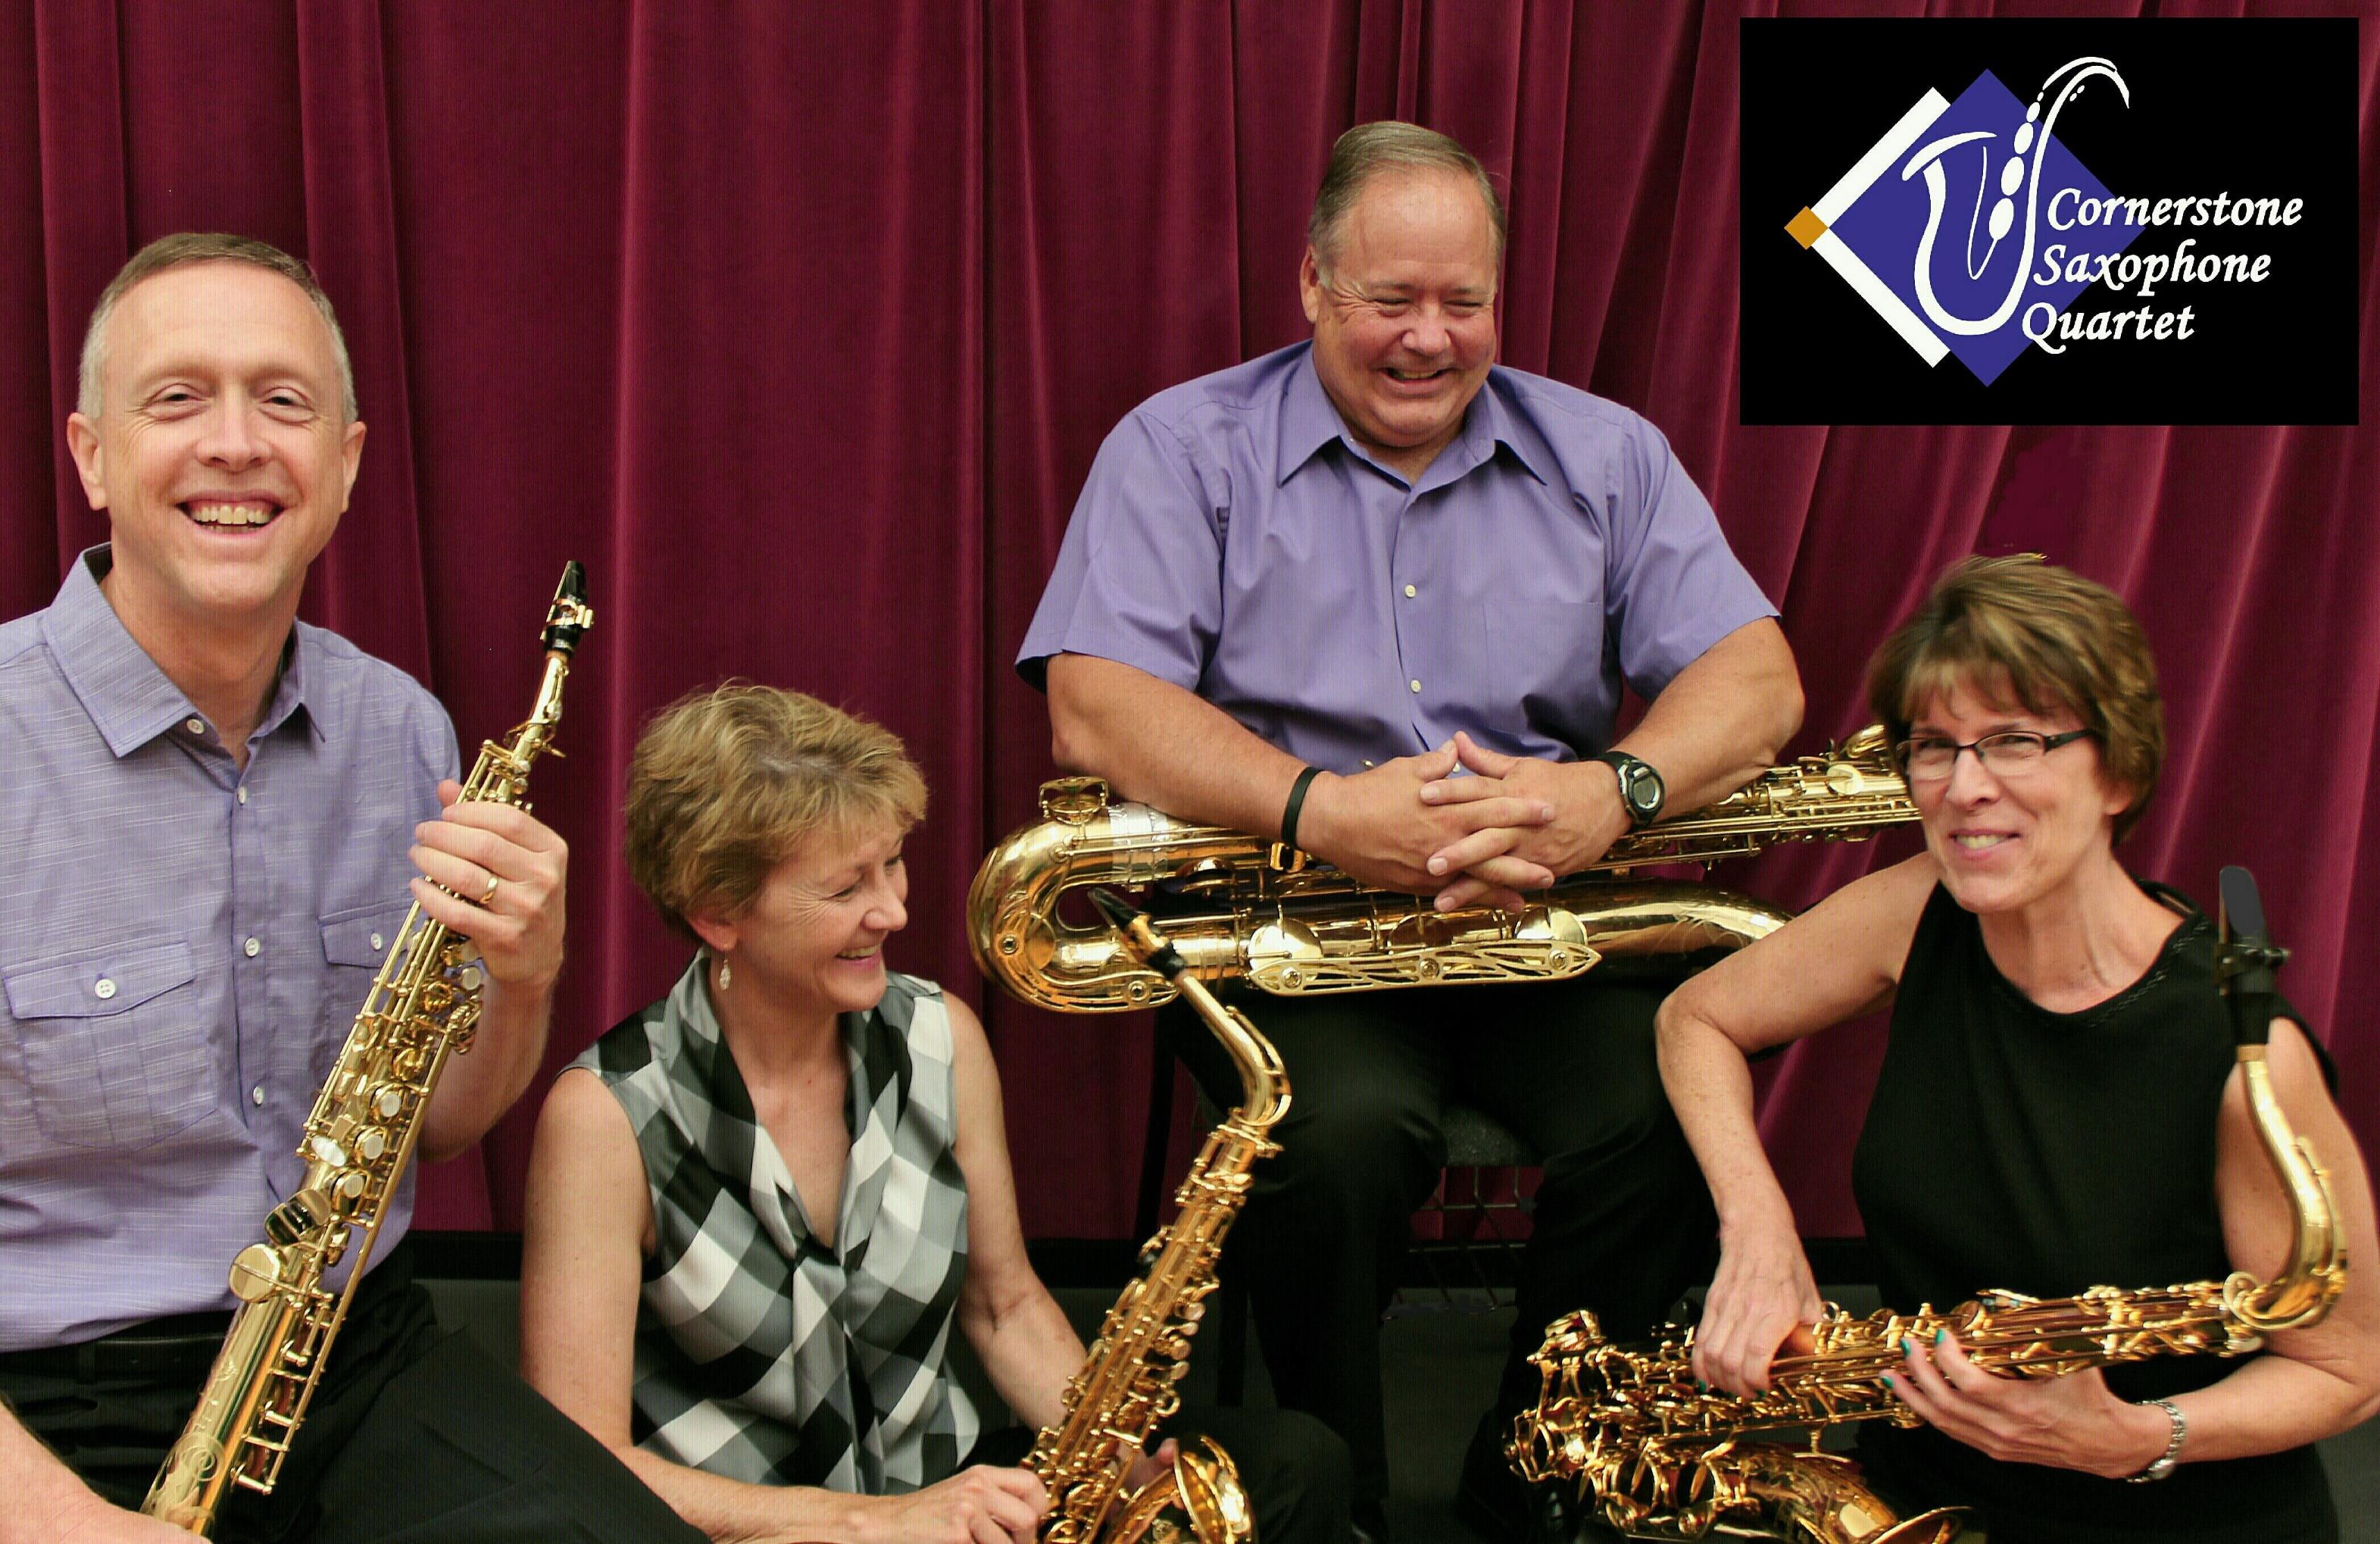 Cornerstone Saxophone Quartet Concert